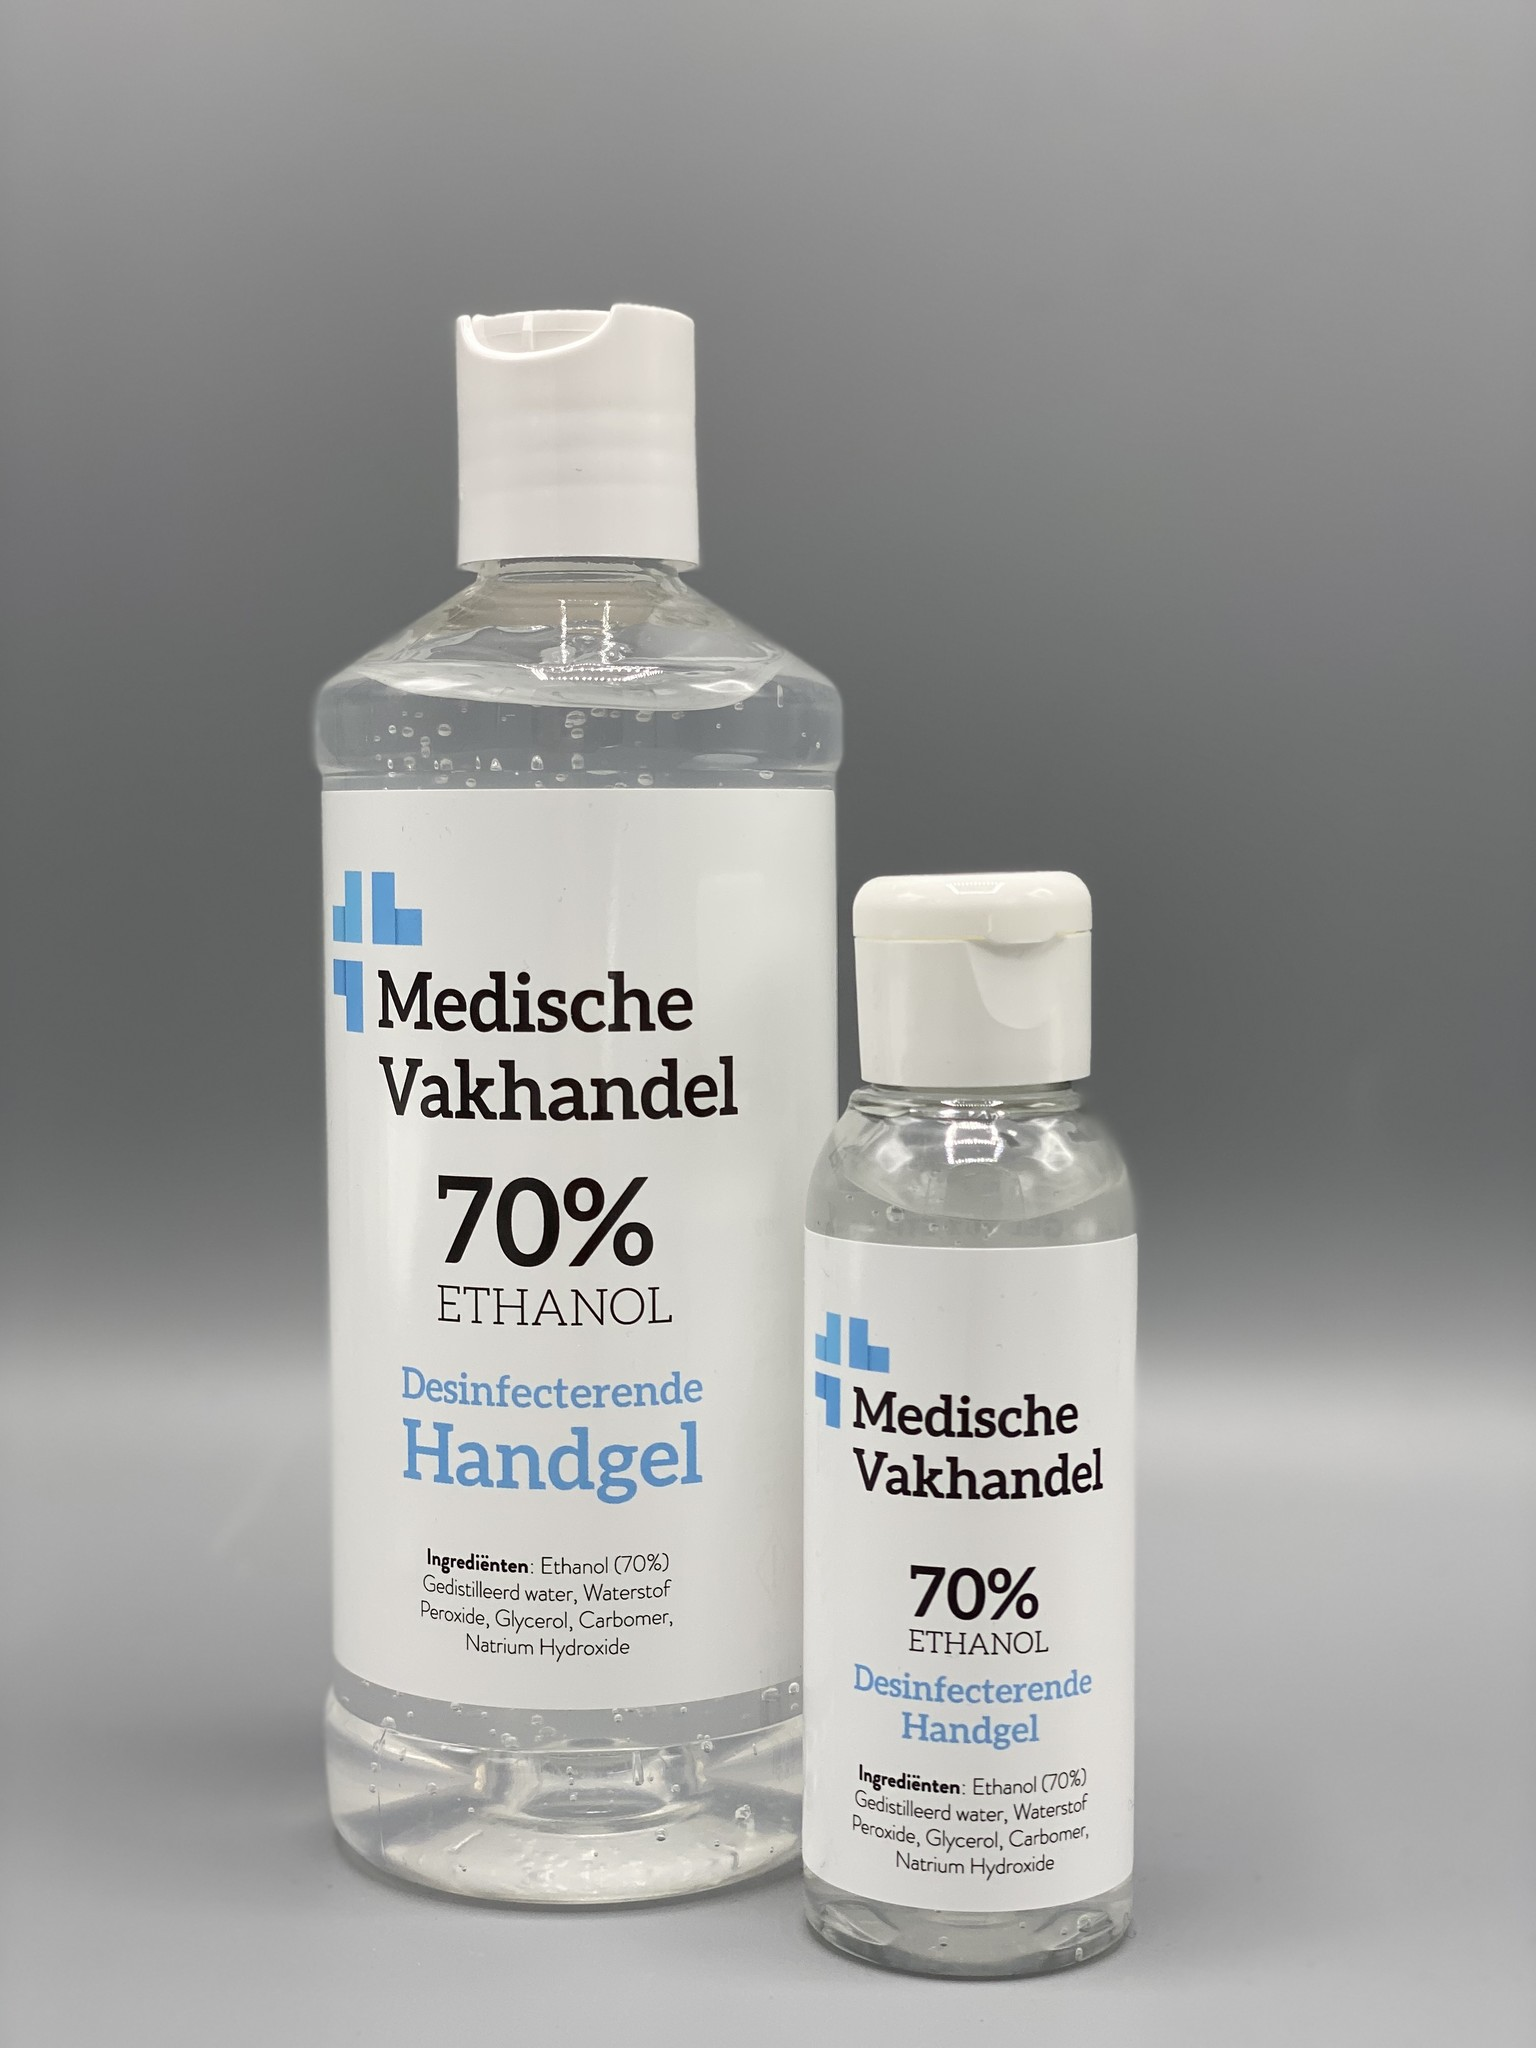 Medische Vakhandel Desinfecterende hand gel 70% WHO recept